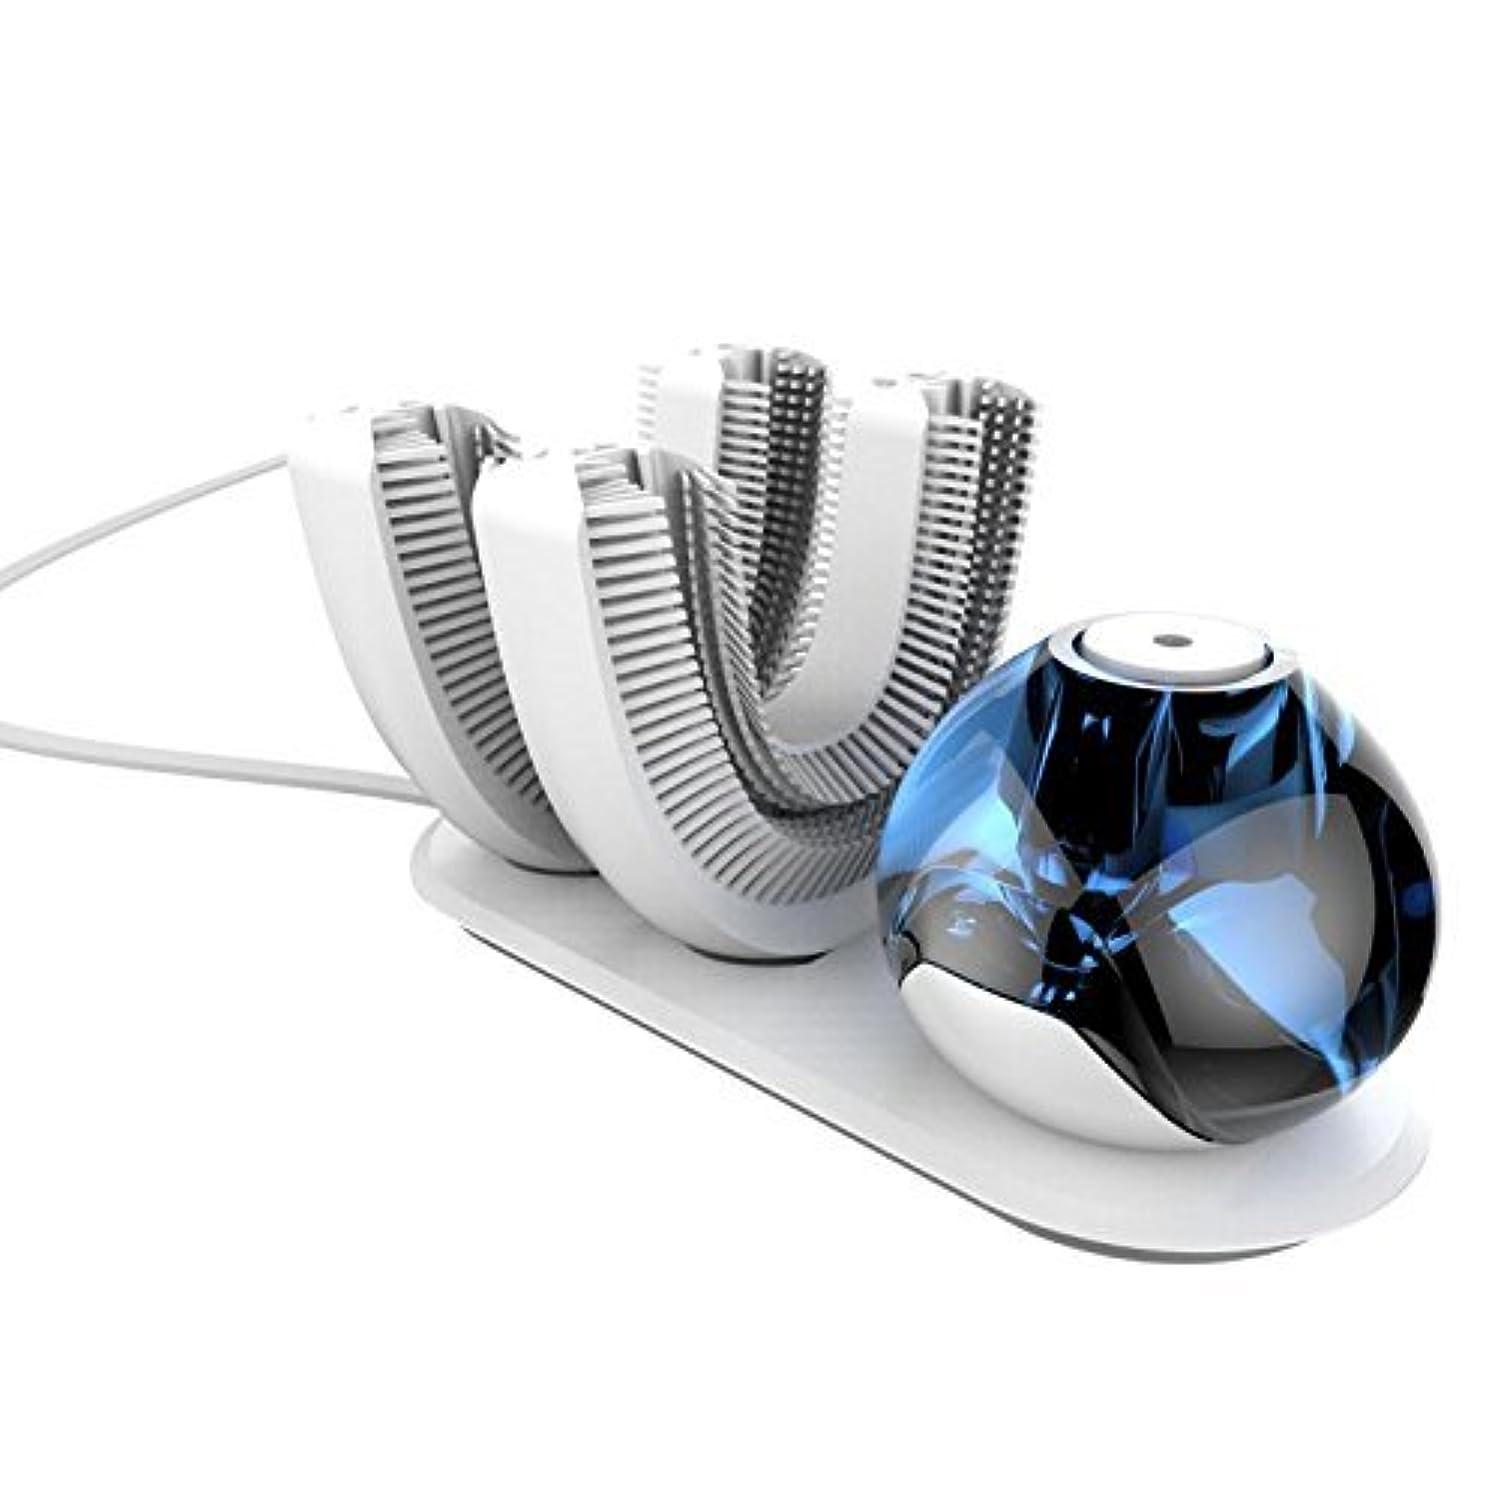 メジャー司教かすれた怠け者牙刷-電動 U型 超音波 専門370°全方位 自動歯ブラシ ワイヤレス充電 成人 怠け者 ユニークなU字型のマウスピース わずか10秒で歯磨き 自動バブル 2本の歯ブラシヘッド付き あなたの手を解放 磁気吸引接続...